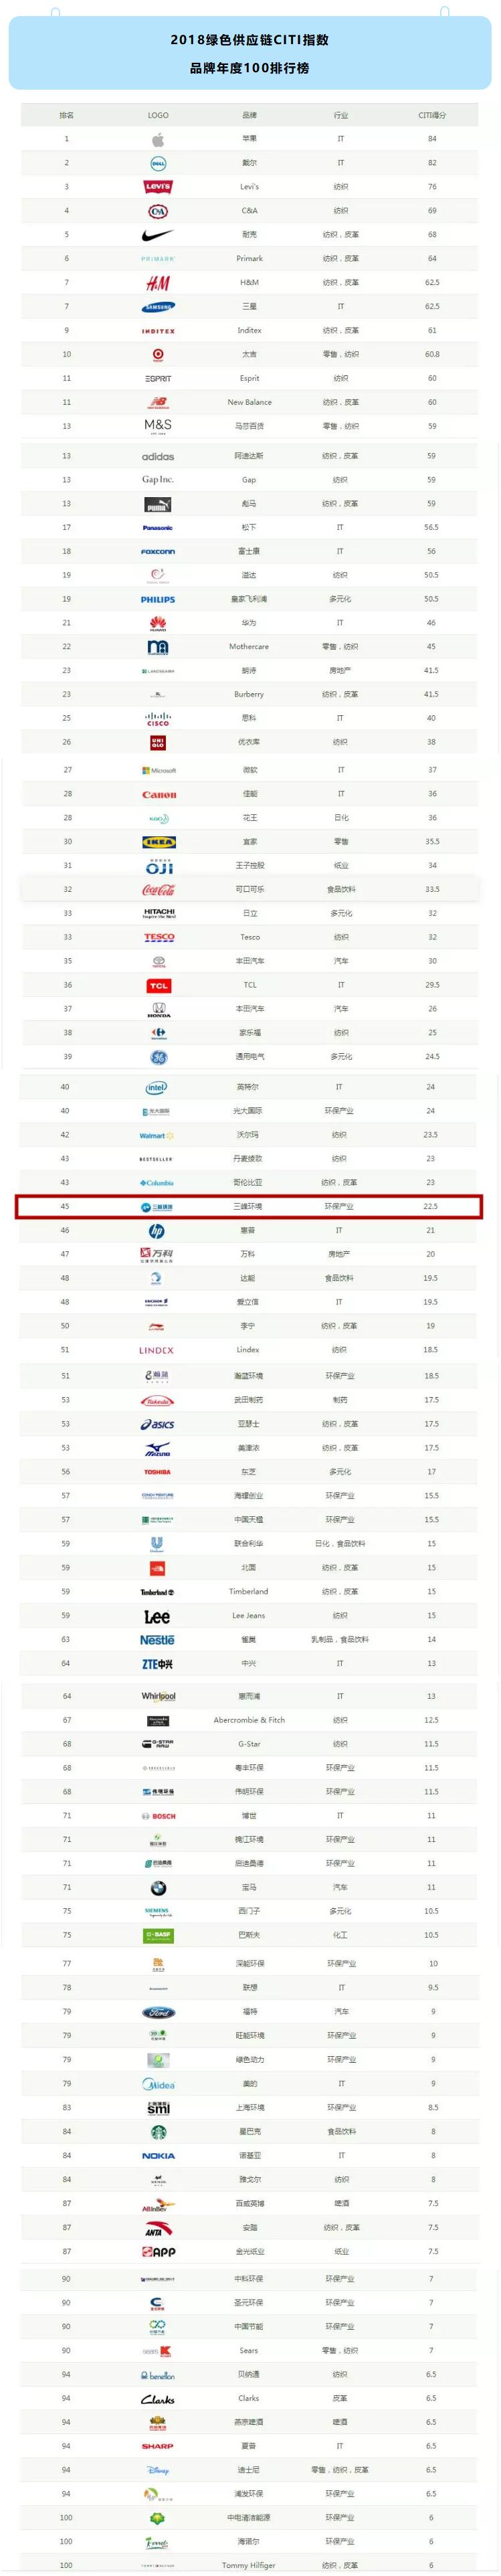 三峰环境入榜绿色供应链CITI指数2018年度报告,品牌排名领跑环保行业